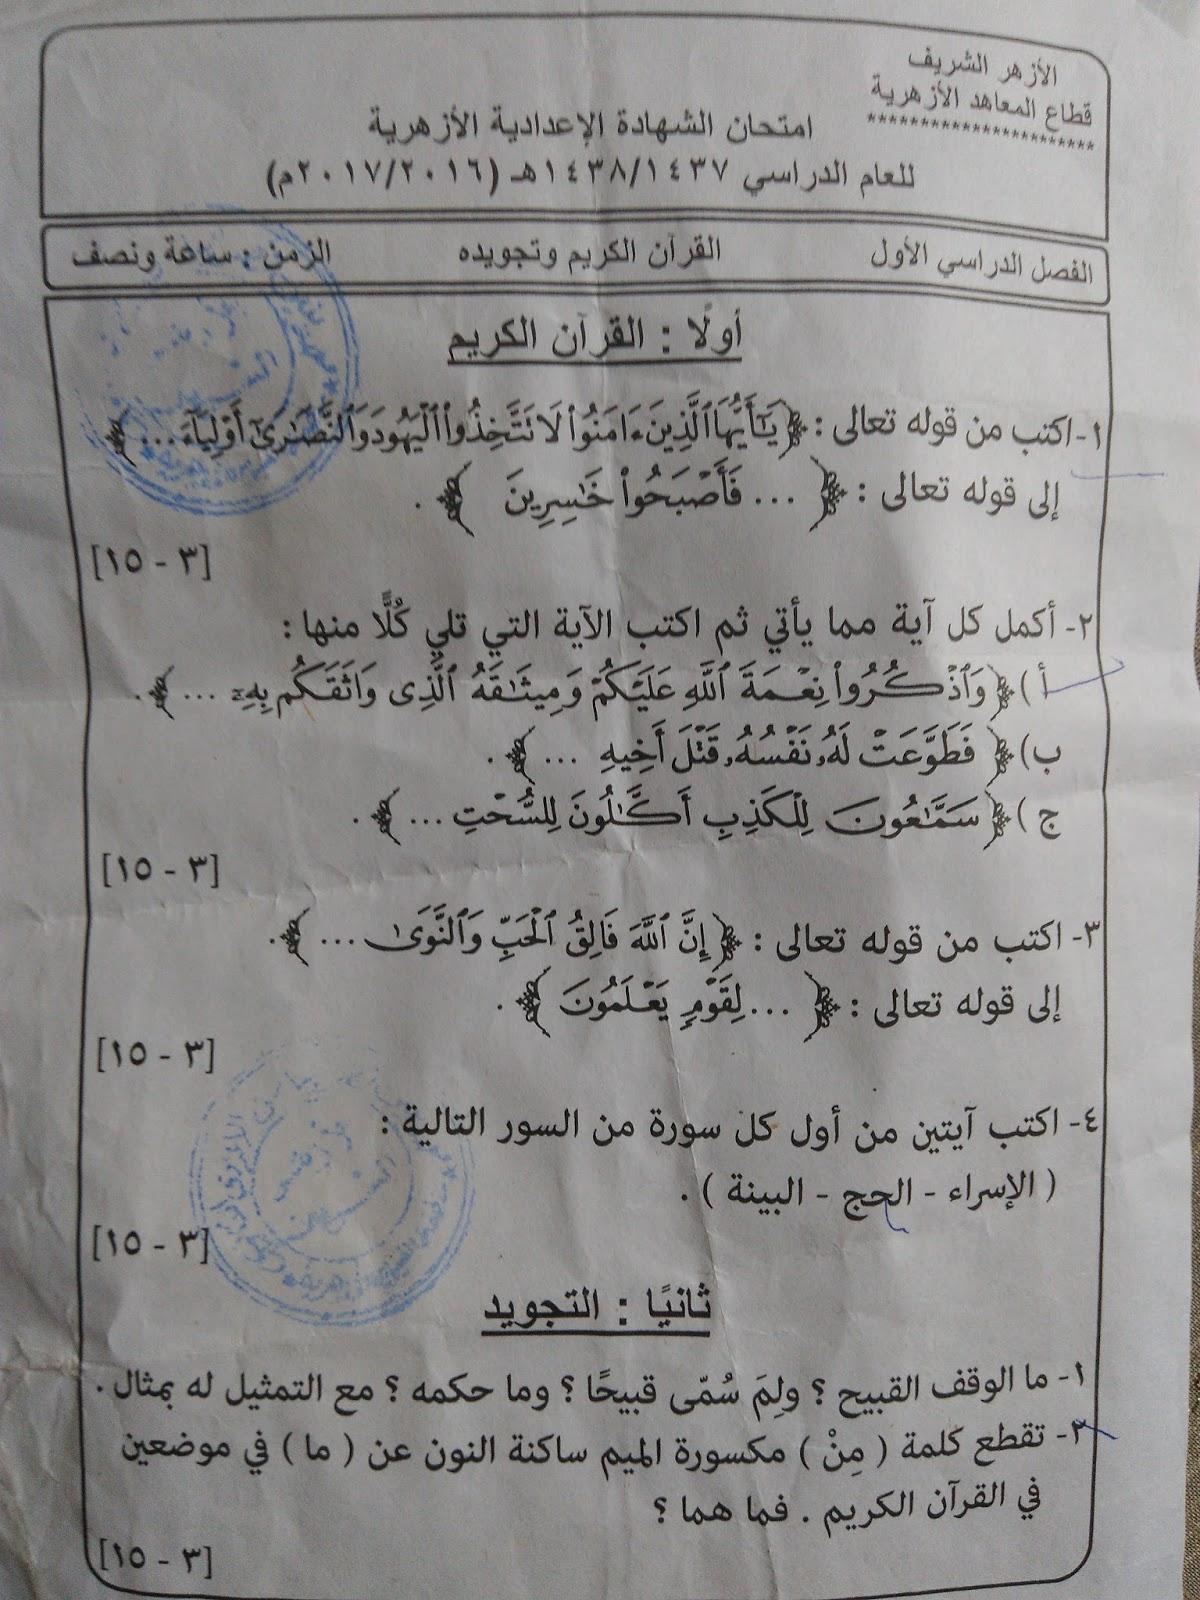 امتحان نصف العام فى القران الكريم وتجويده . الشهادة الاعدادية الأزهرية2017